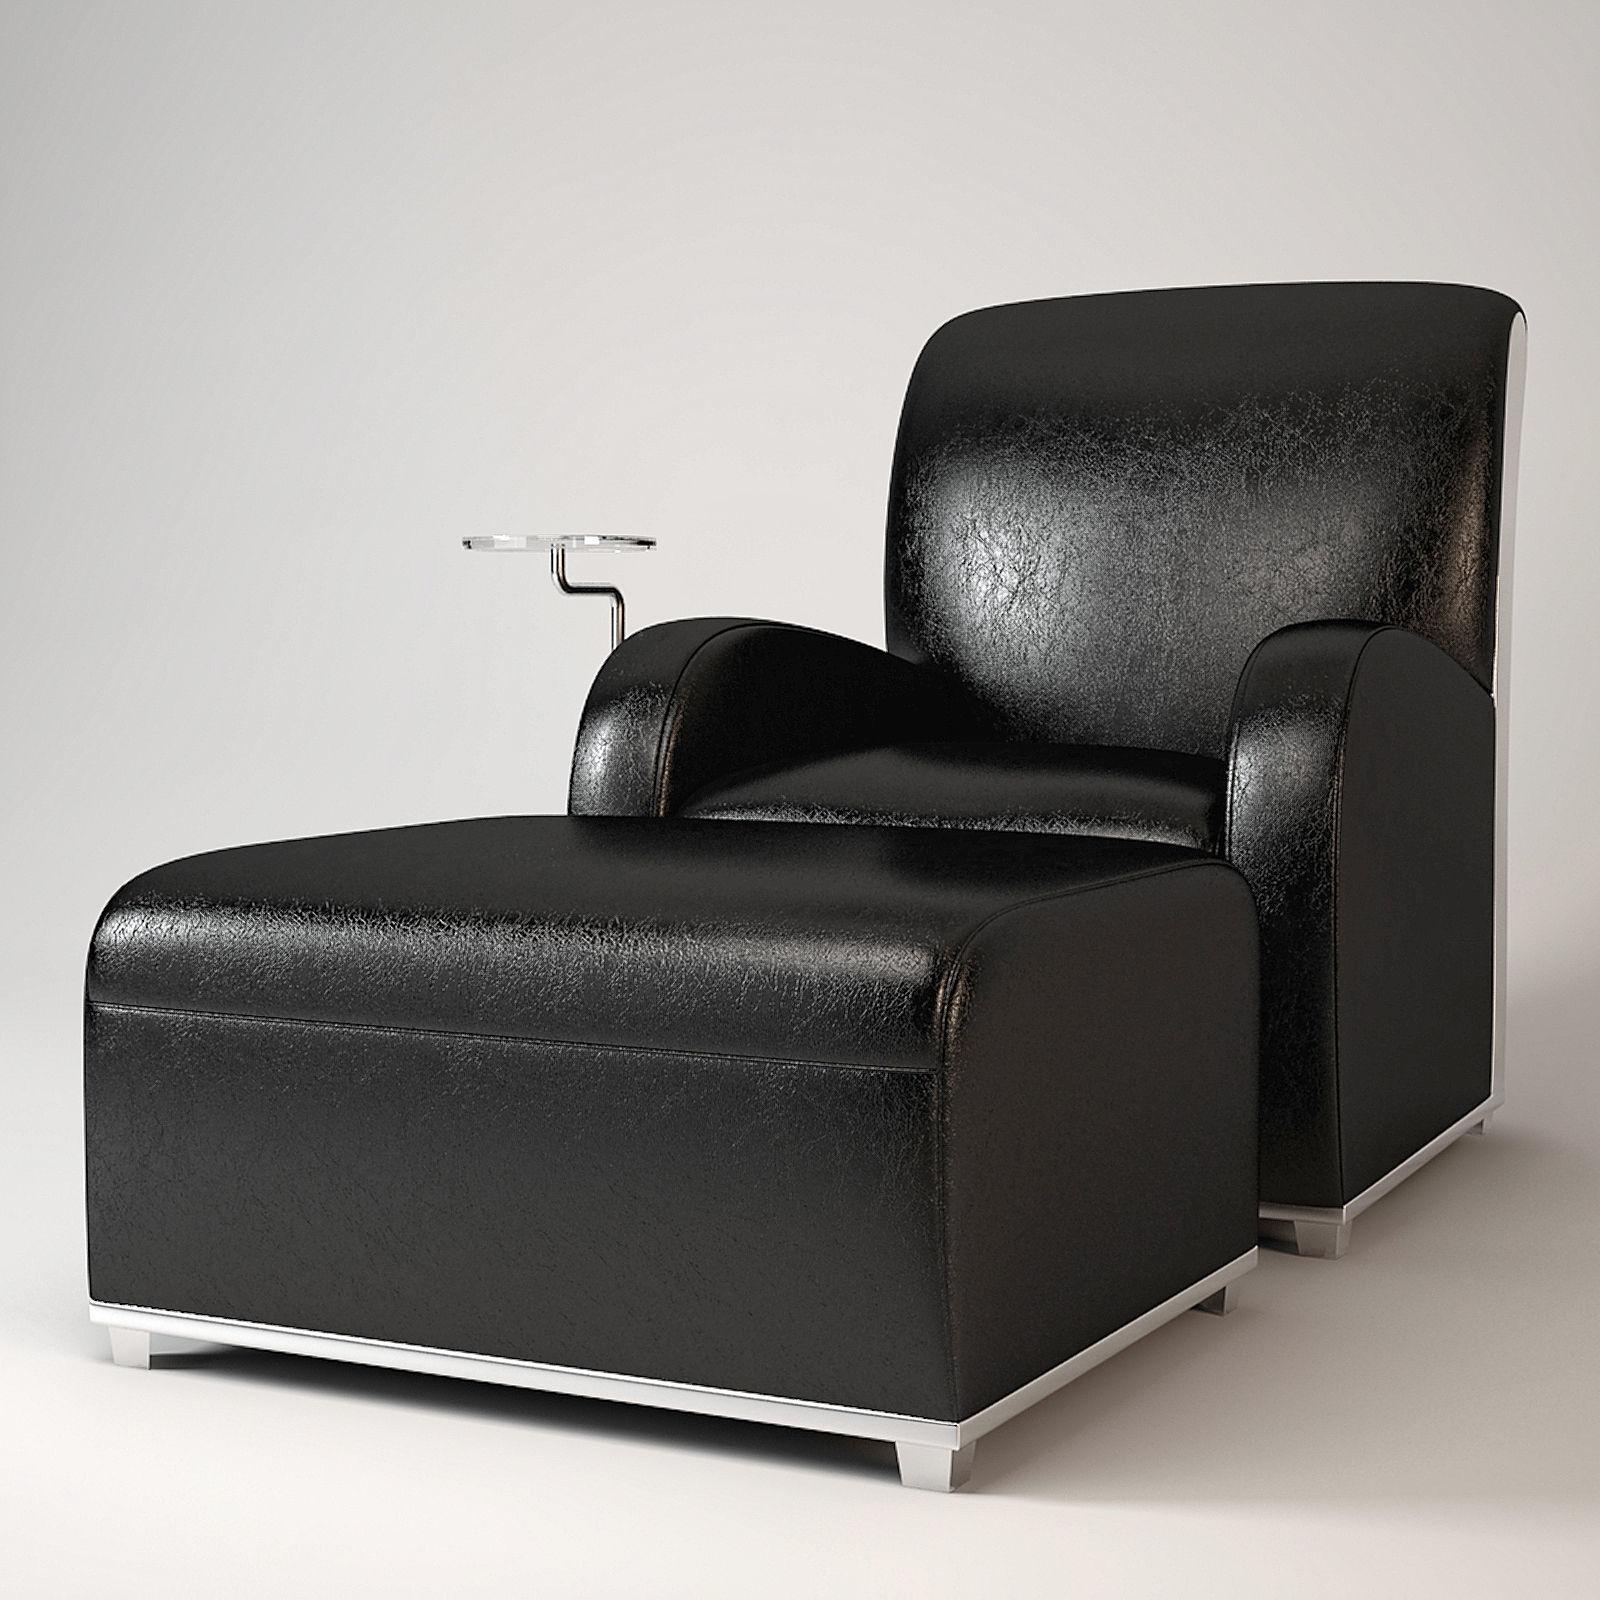 58b4ebacf673 Fendi casa armchair fidia model max obj fbx jpg 1600x1600 Fendi chair